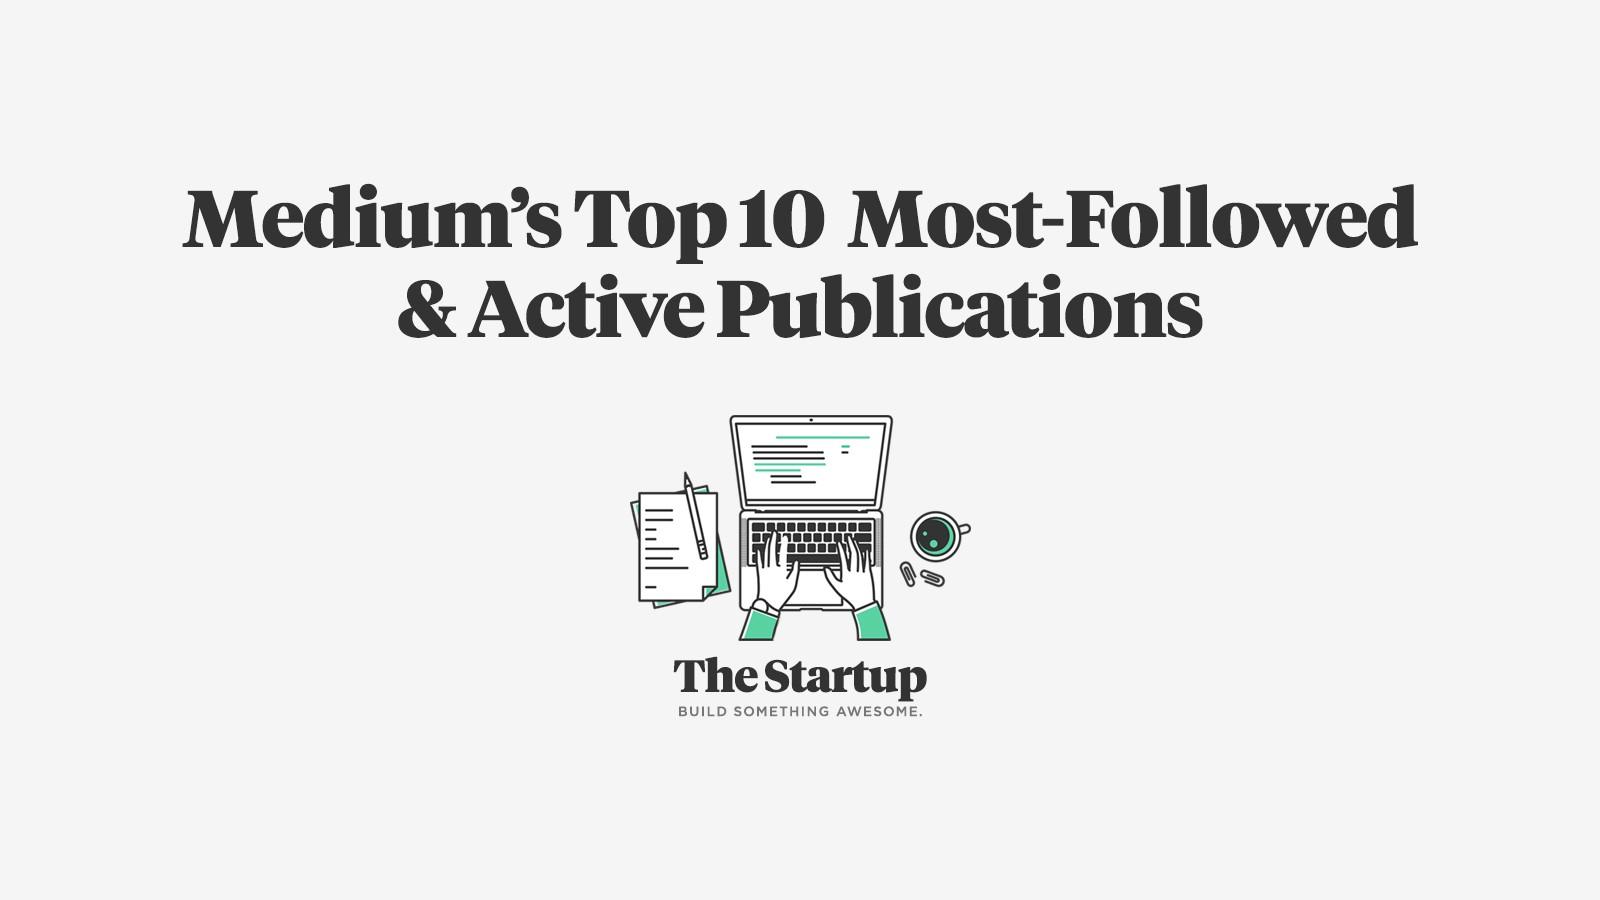 Blogs for entrepreneurs #20: The Startup-Medium